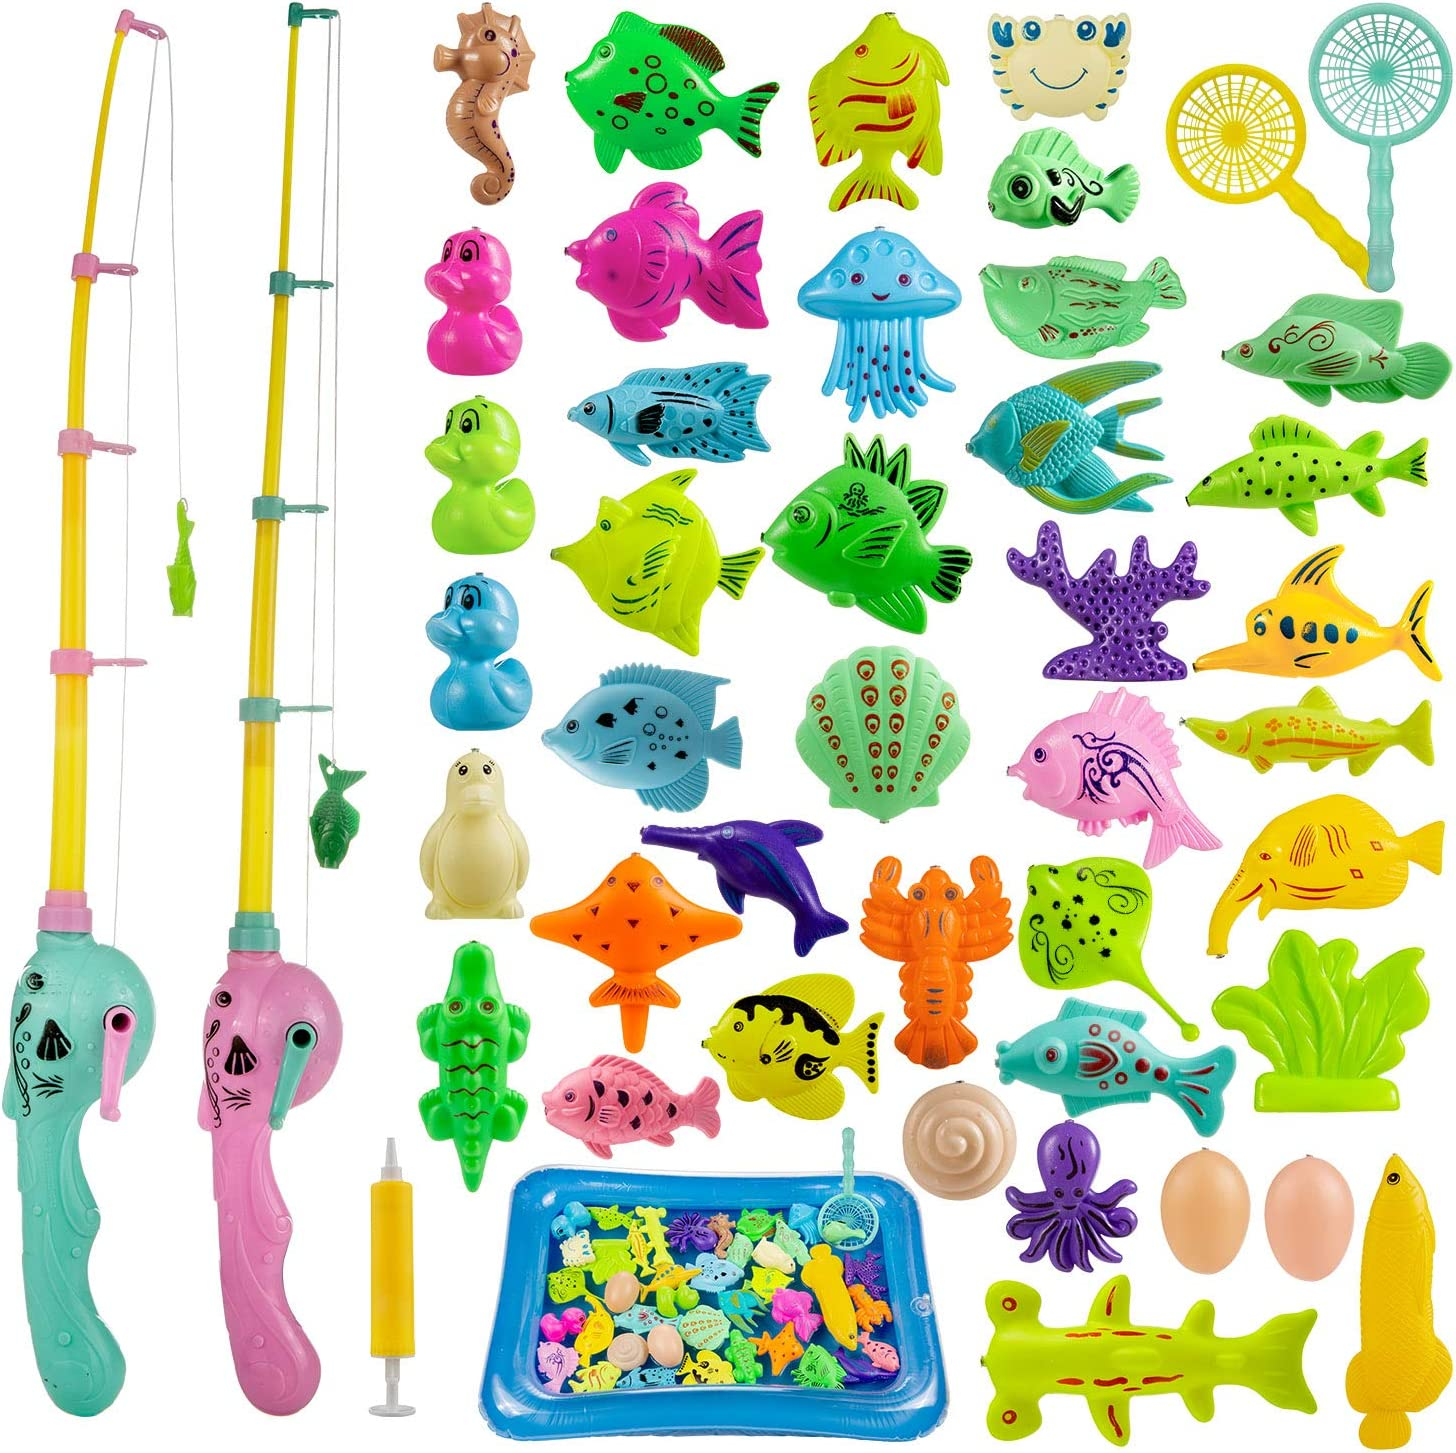 ZWOOS Juguete de Pesca para Niño 44 Piezas Juguete de Pesca Magnético con Caña Flotando Peces para NiñosJuego de Pesca para Baño y Deportes al Aire Libre para Bebe